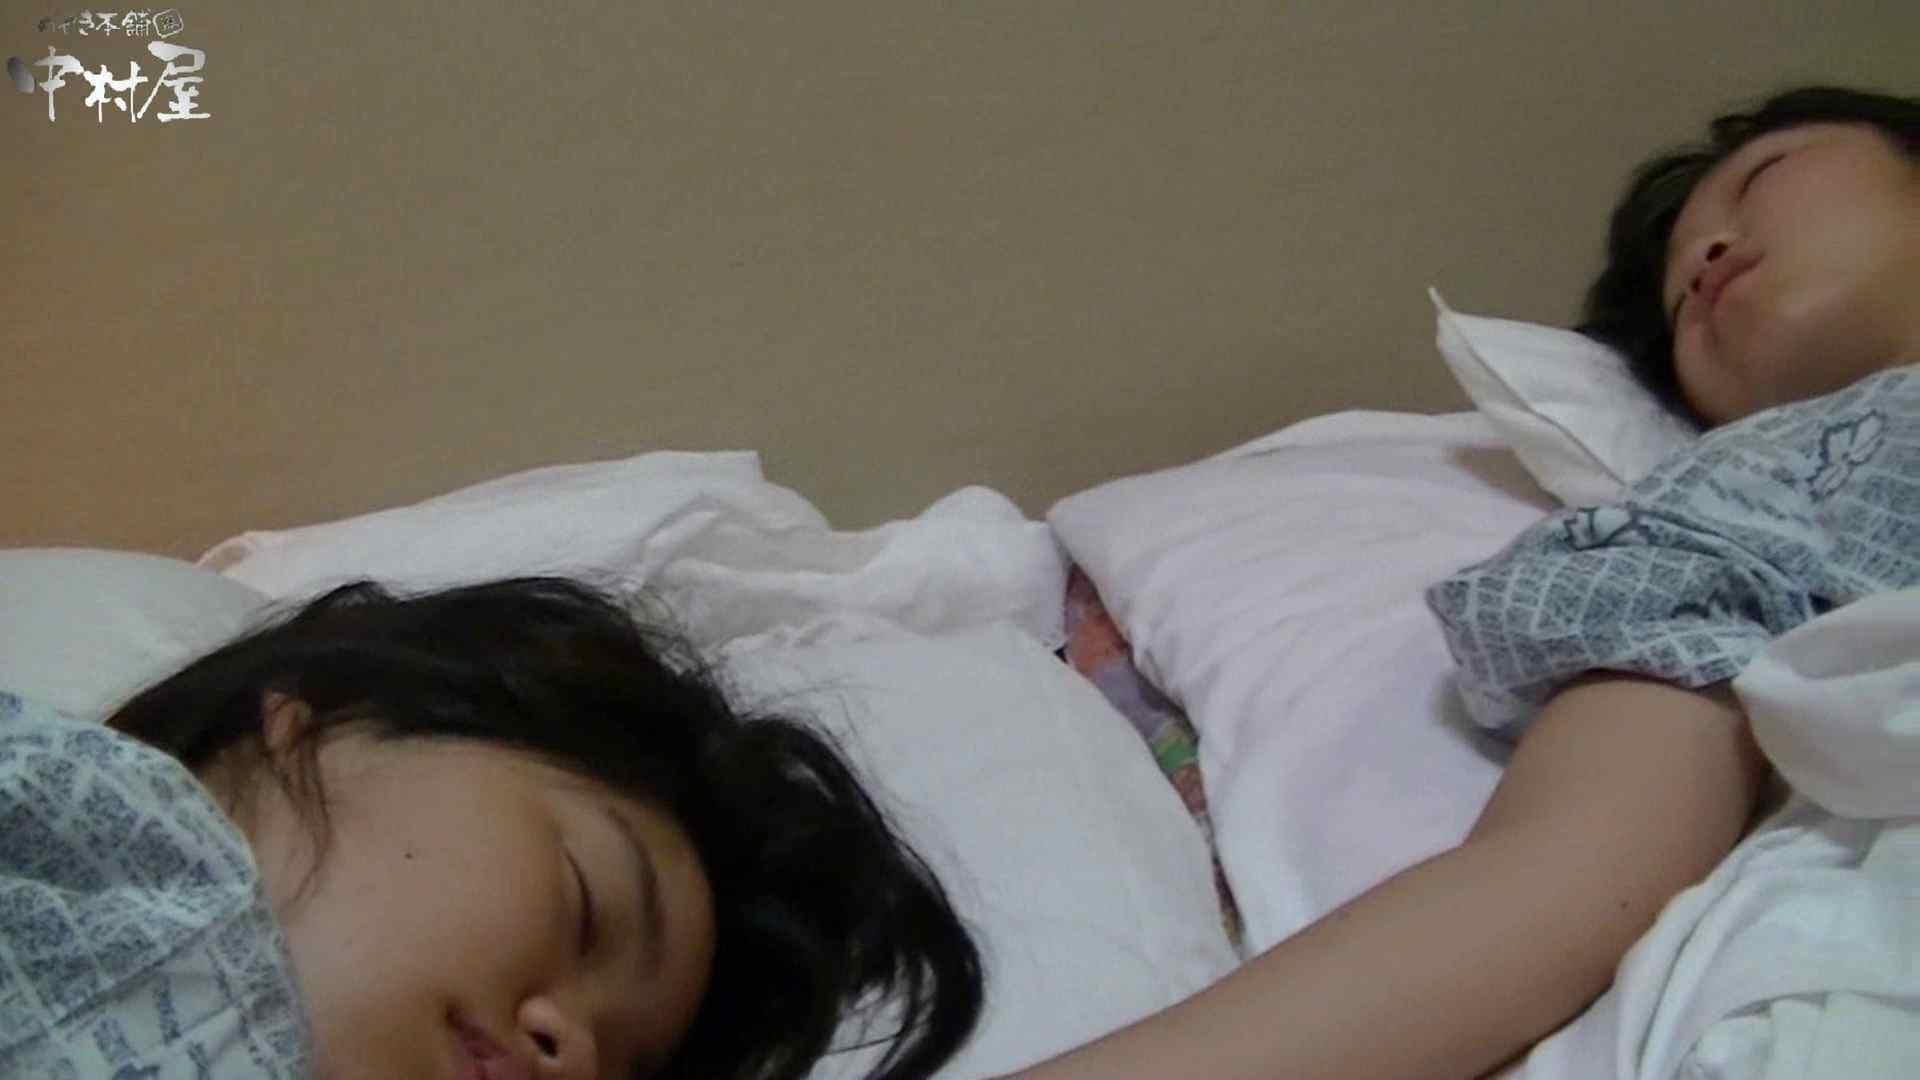 ネムリ姫 vol.49 乳首 われめAV動画紹介 65連発 28